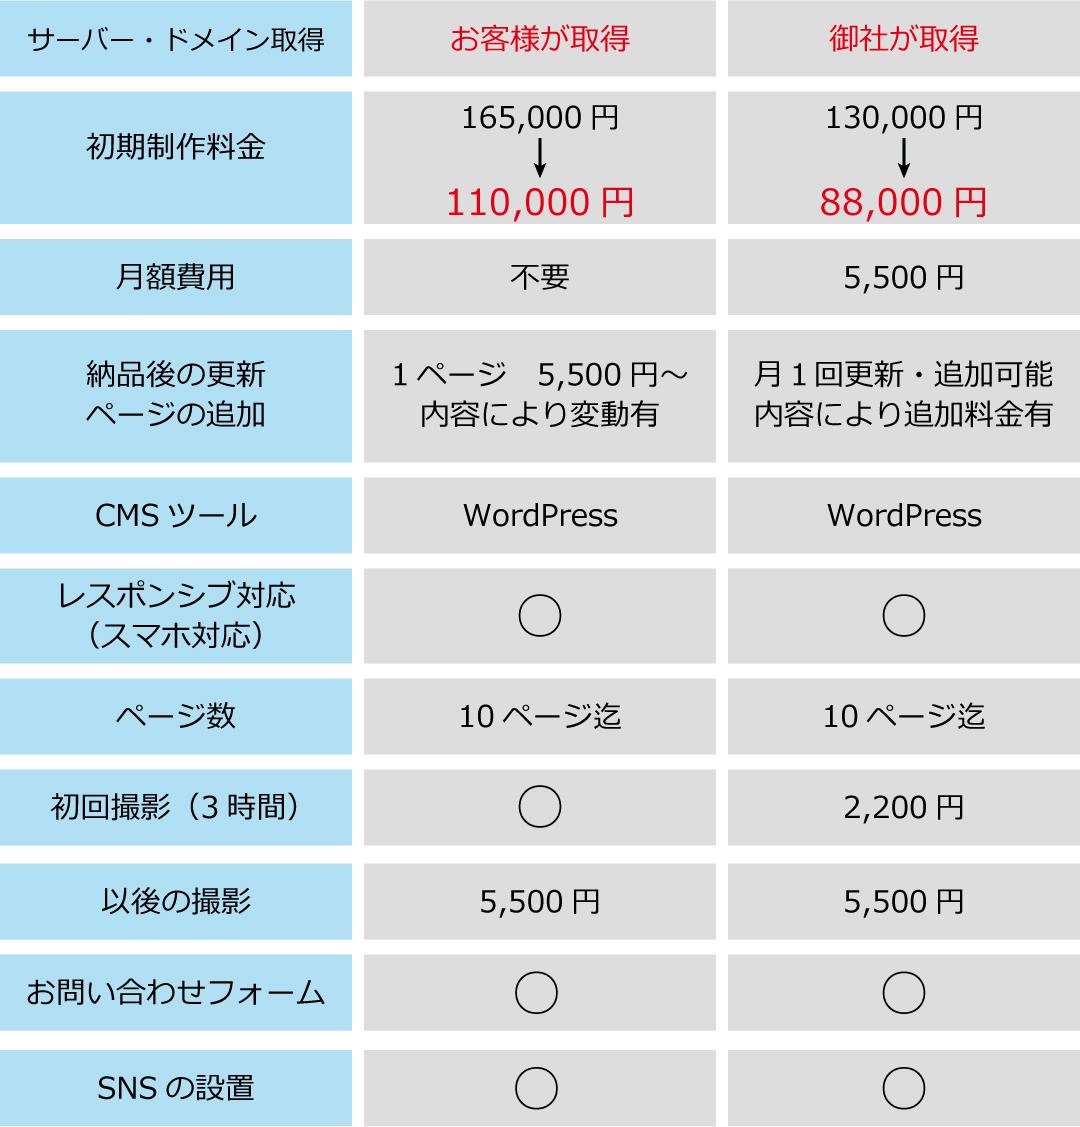 福津市・宗像市のホームページ制作のことならUTO WEB STUDIOにおまかせください!地域最安値で制作承ります。